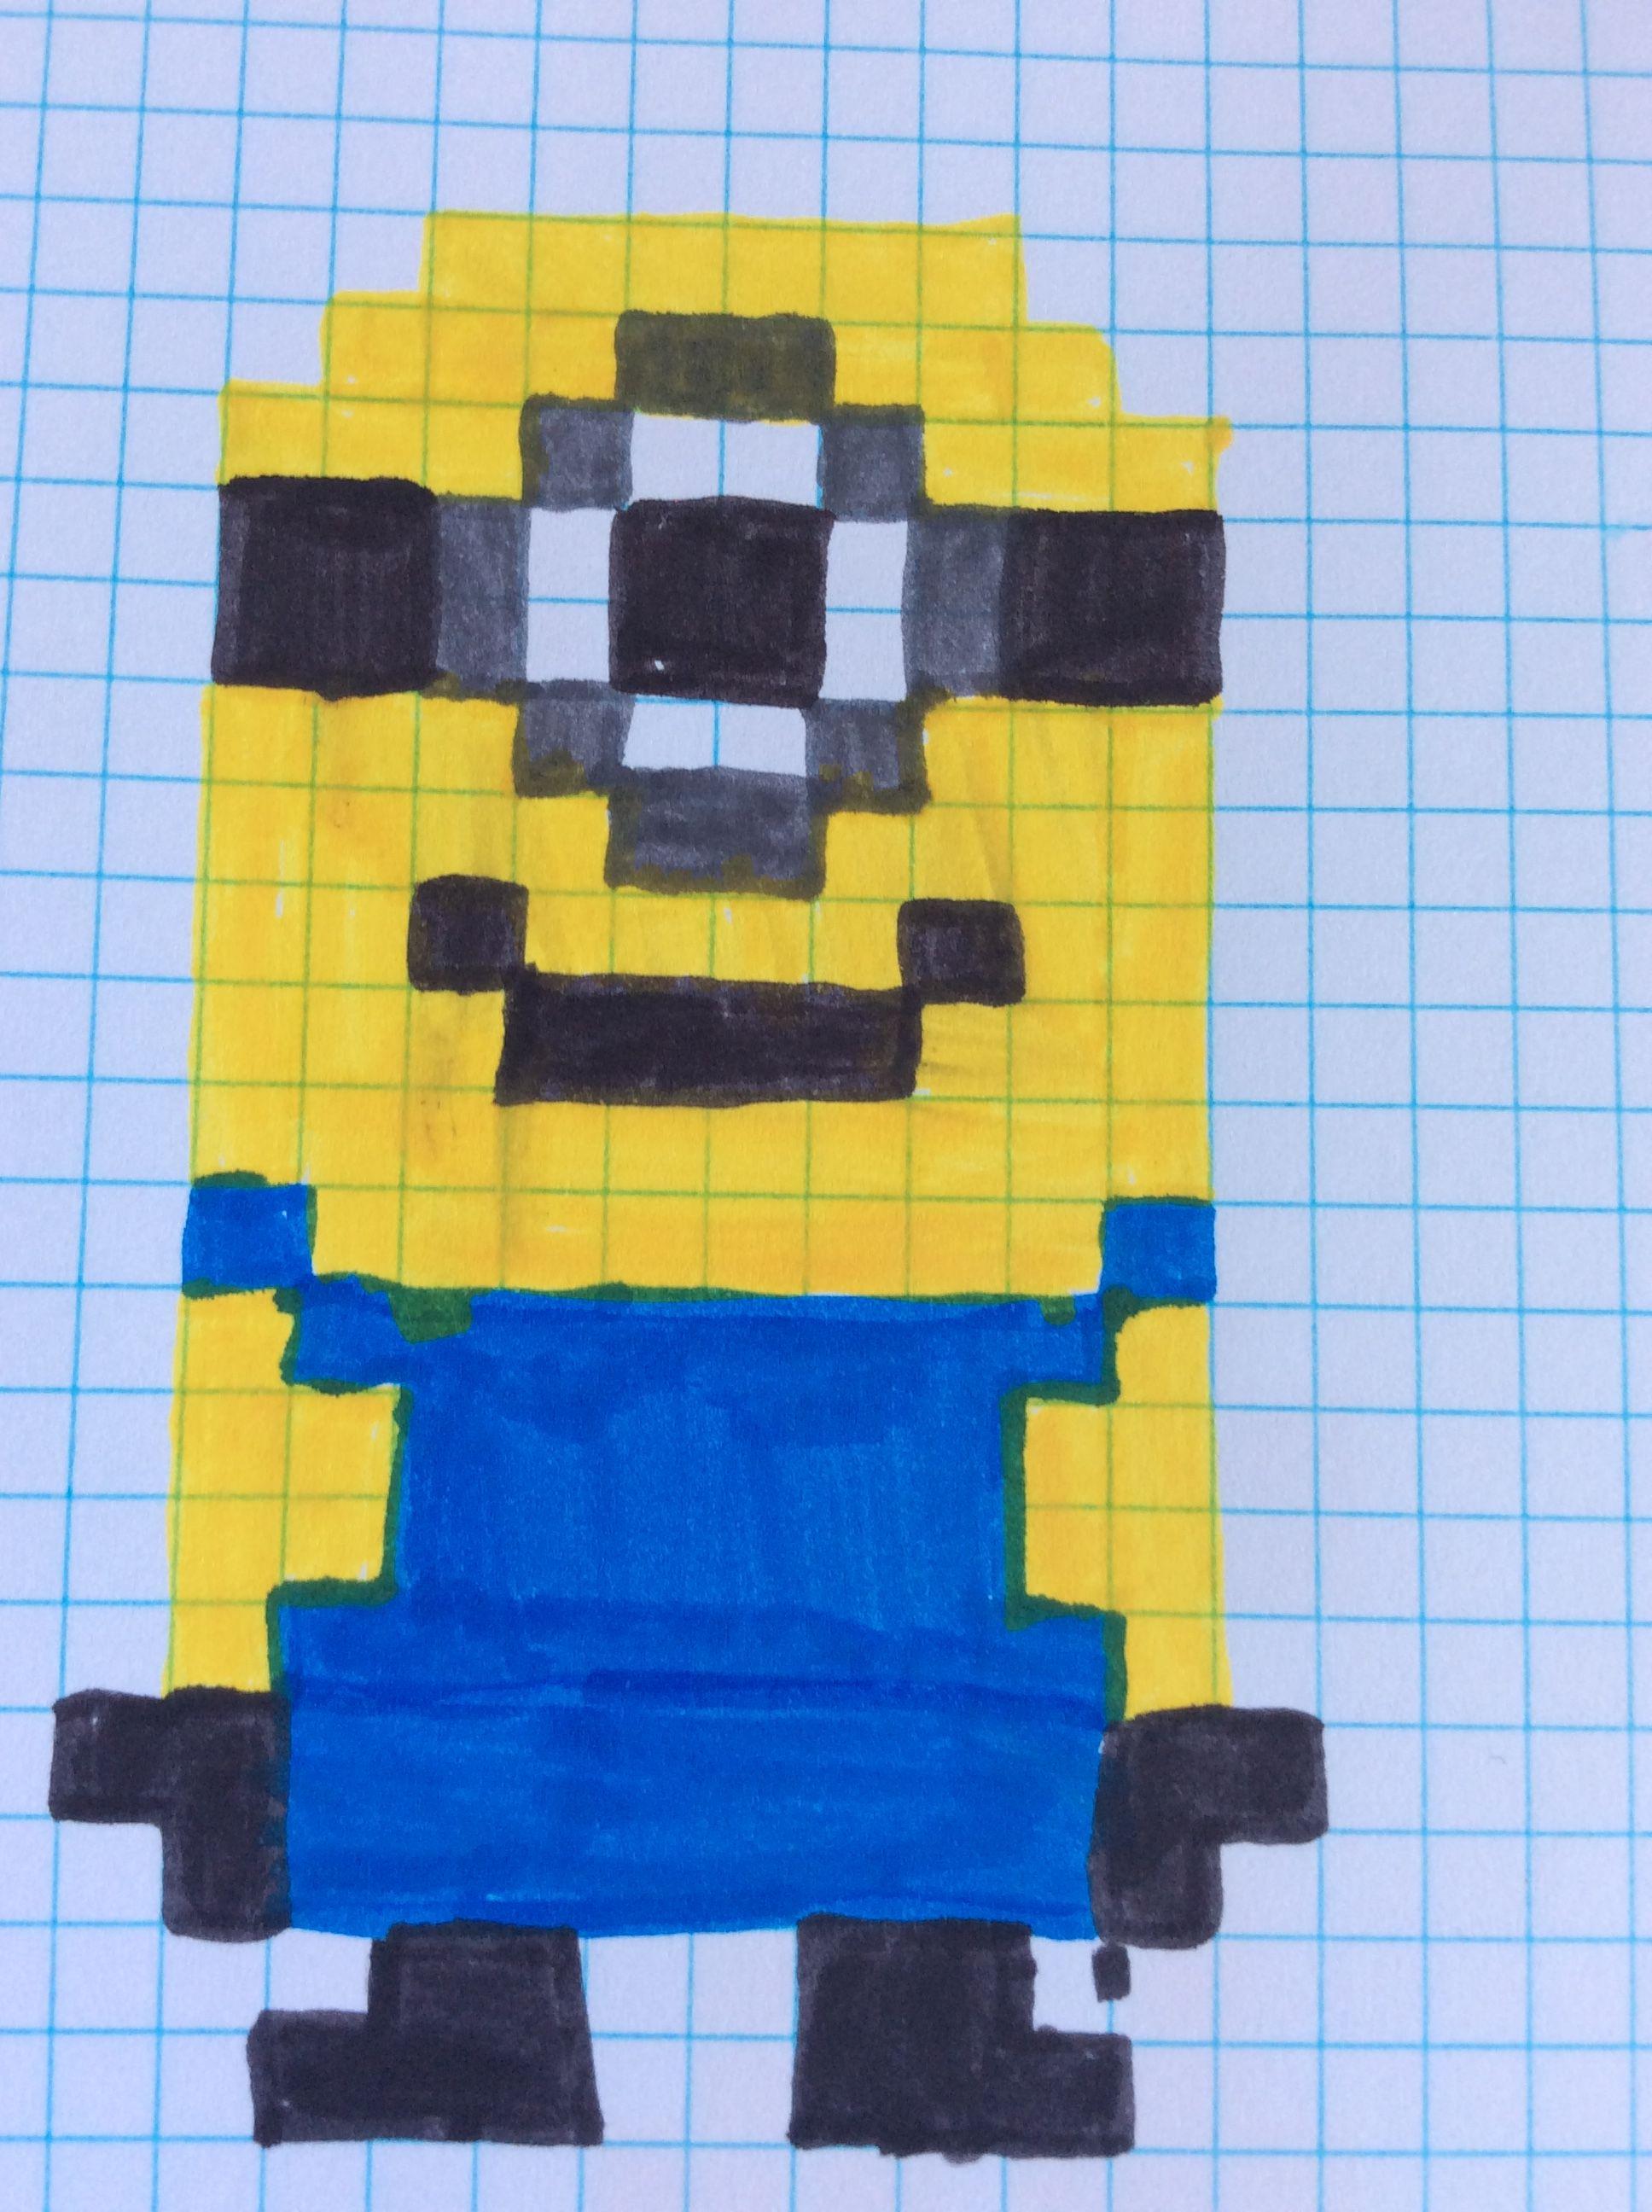 Pixel-art minion | Pixel-art✍ | Pinterest